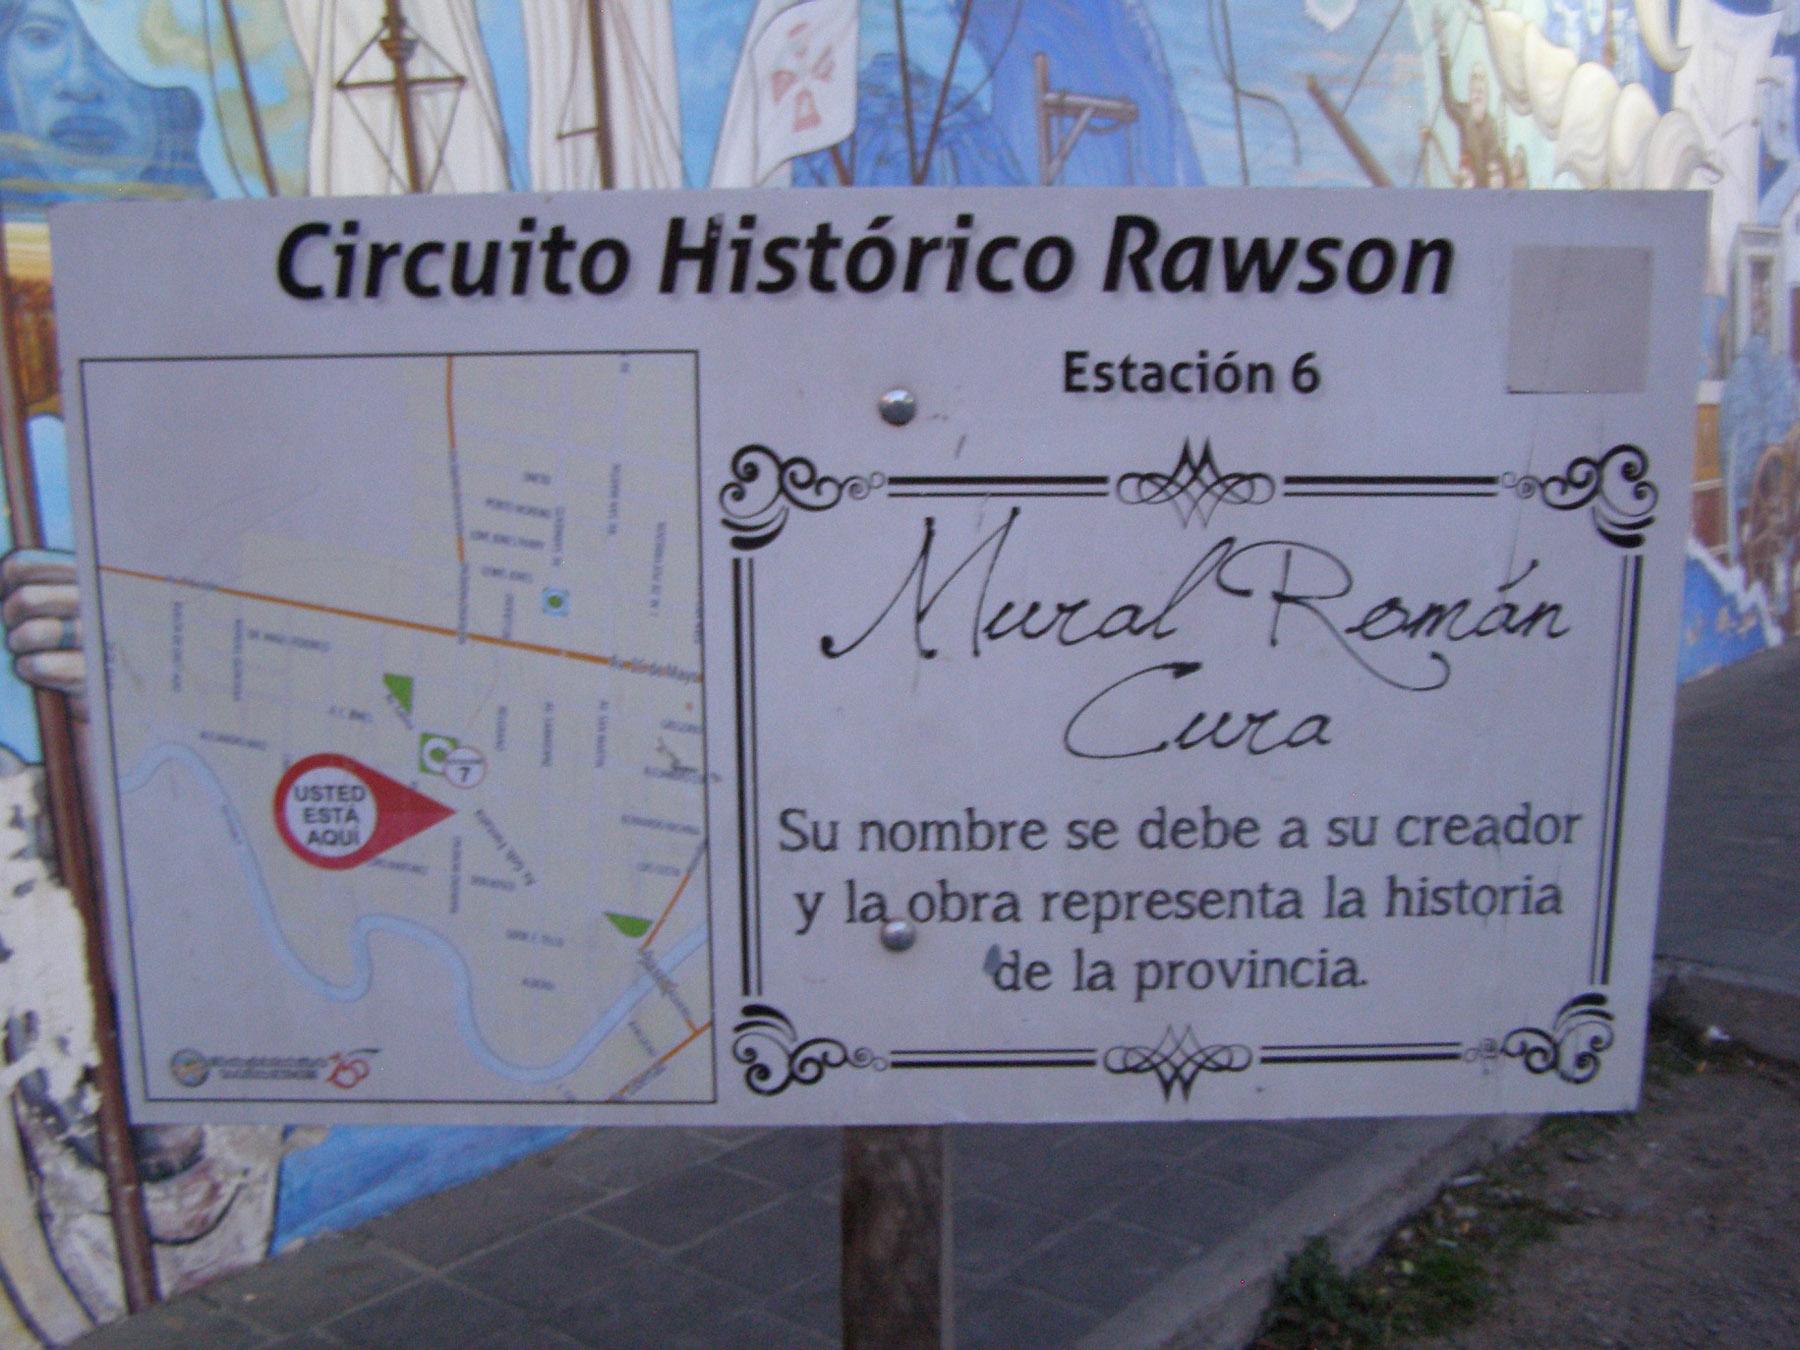 Circuito Ups : Román cura mural close ups 1.